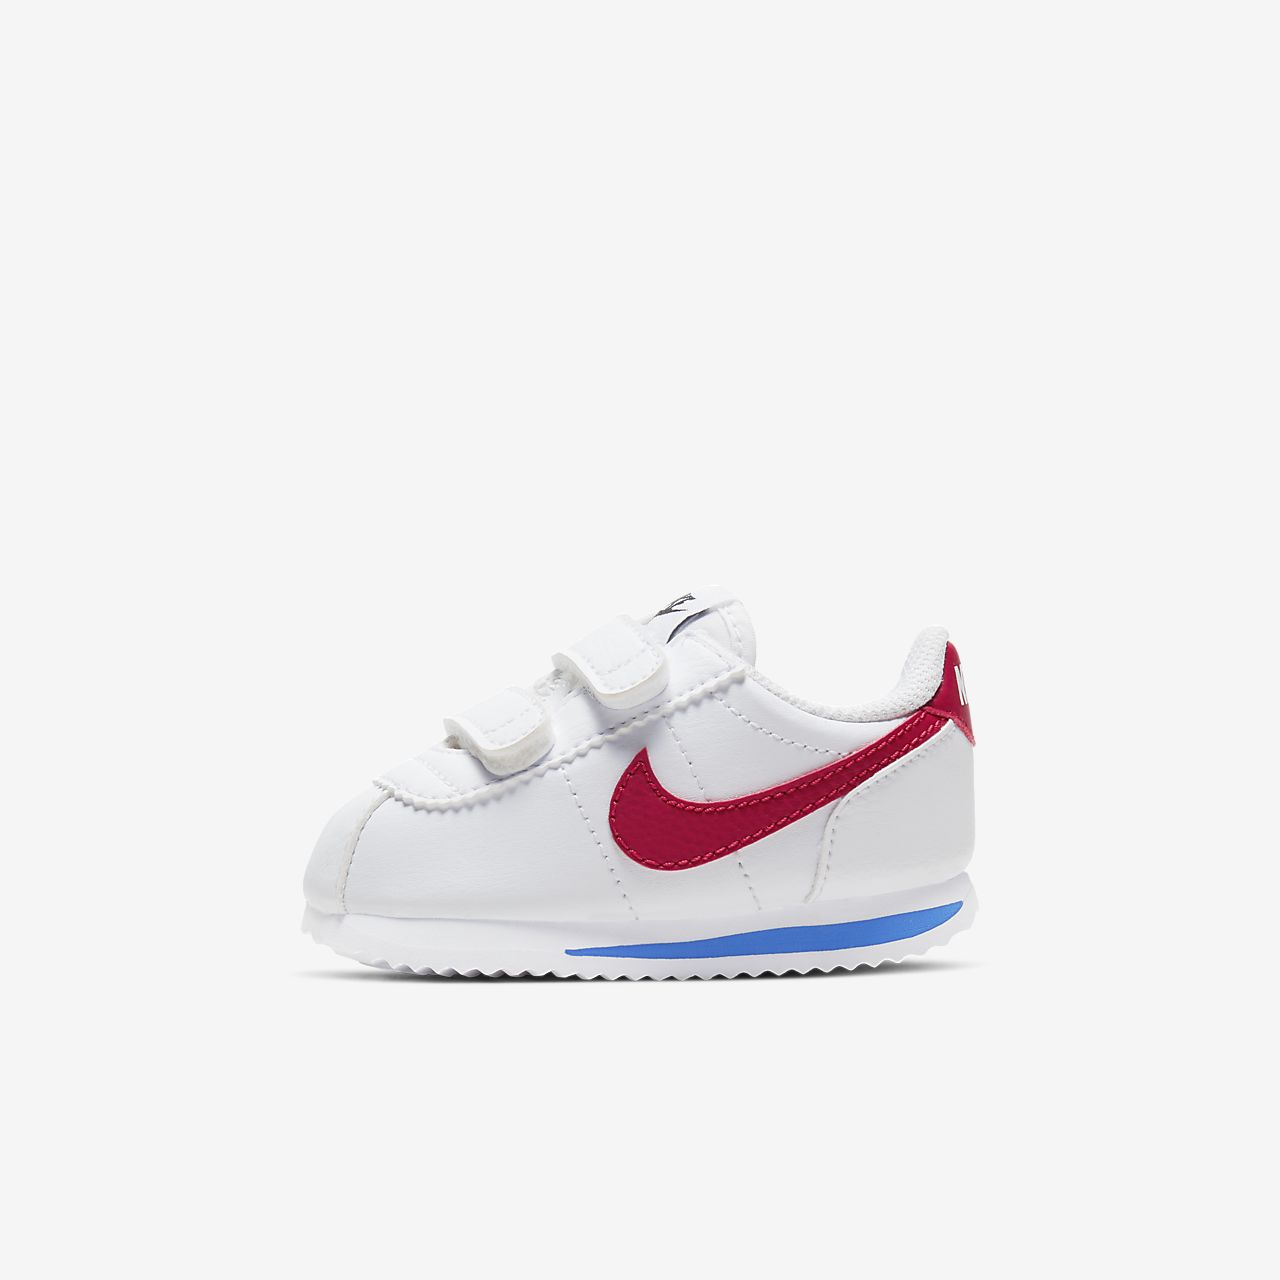 9bf3ce3f9 Calzado para bebés Nike Cortez Basic SL. Nike.com MX